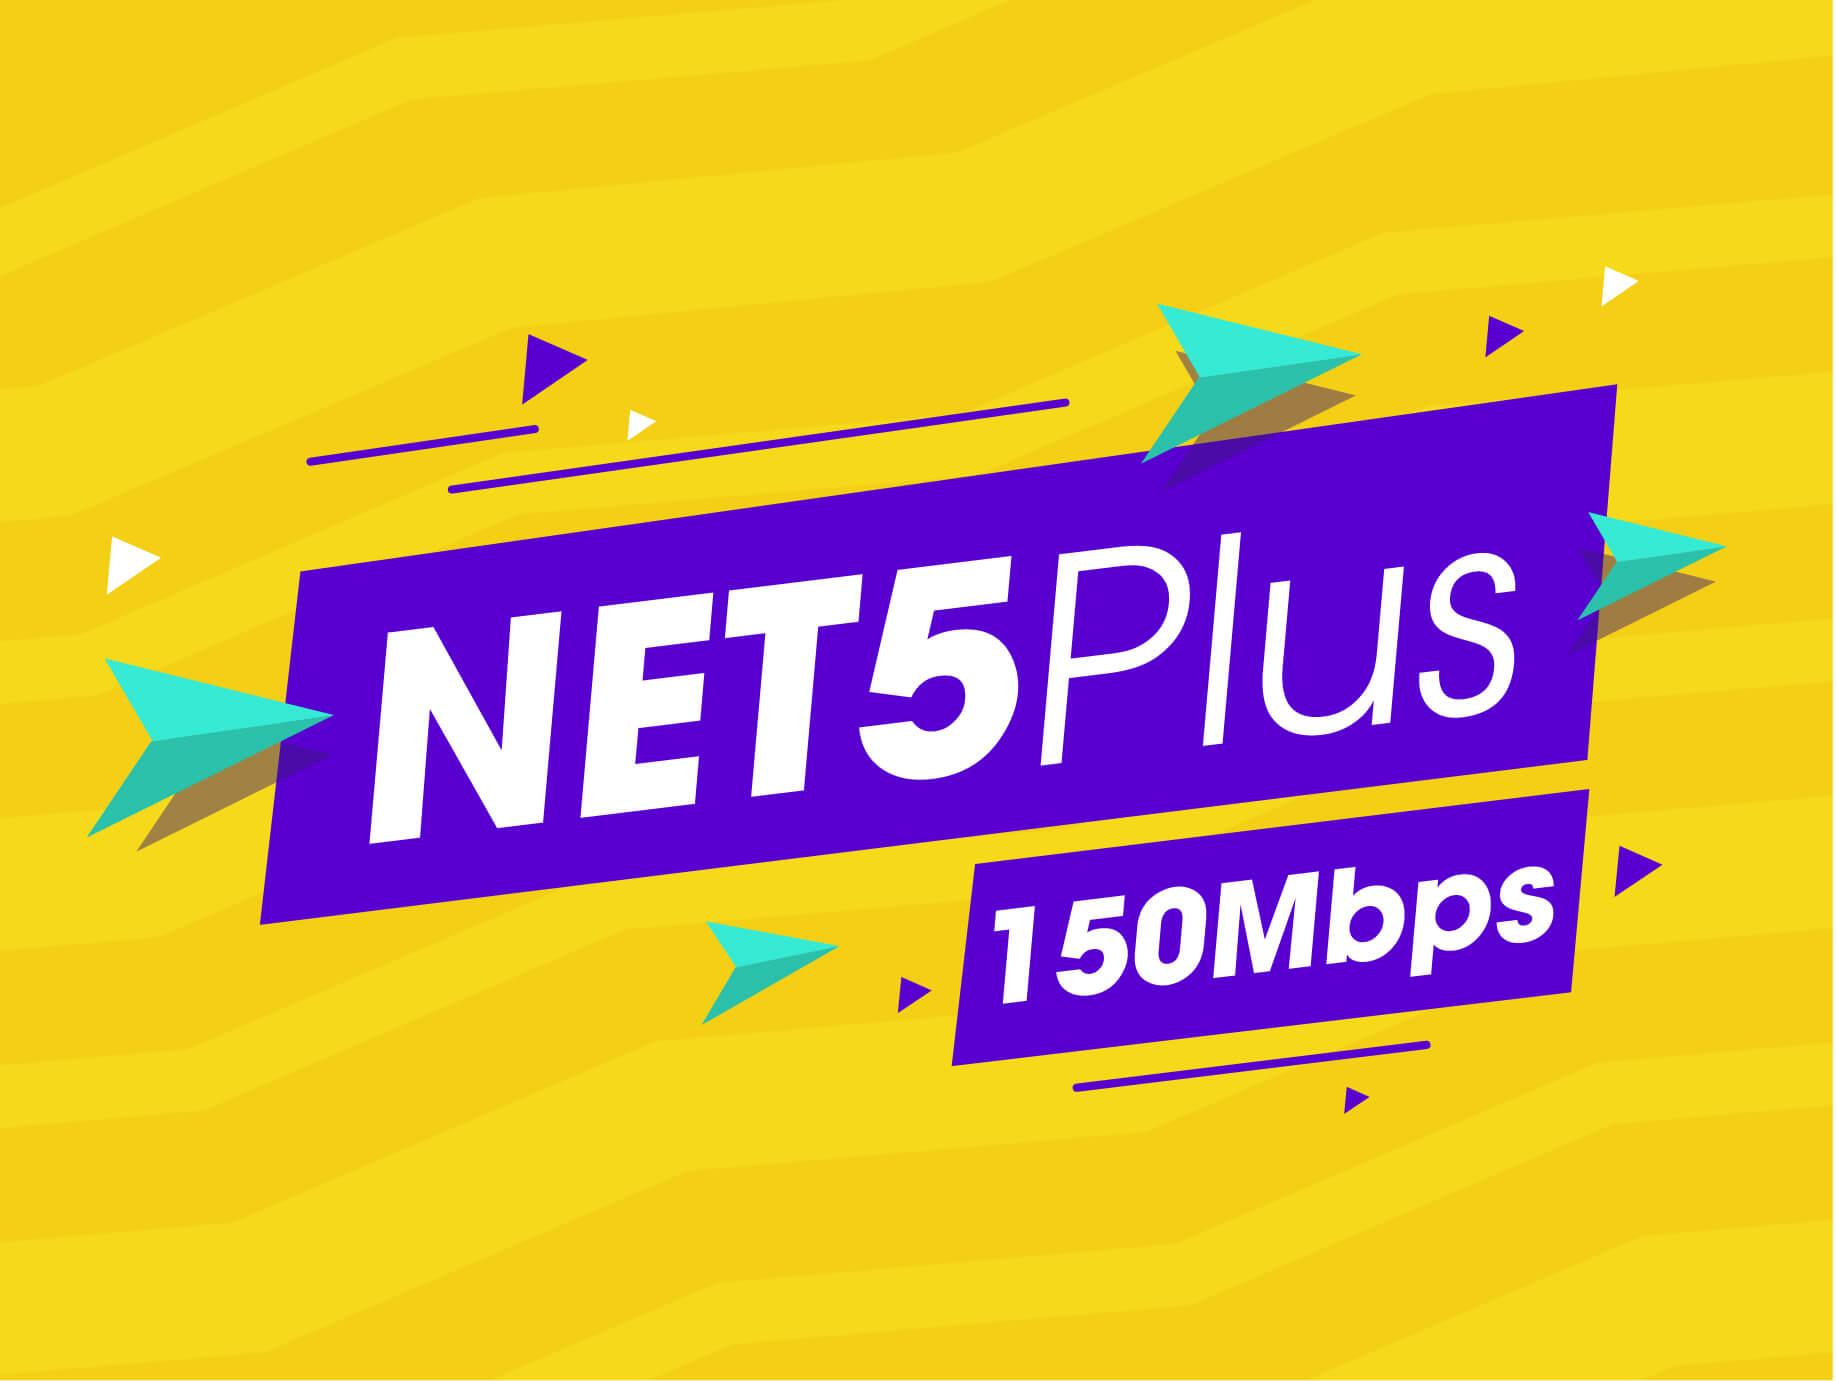 Net 5 Plus Viettel | Gói cước tốc độ cao có gì hấp dẫn?